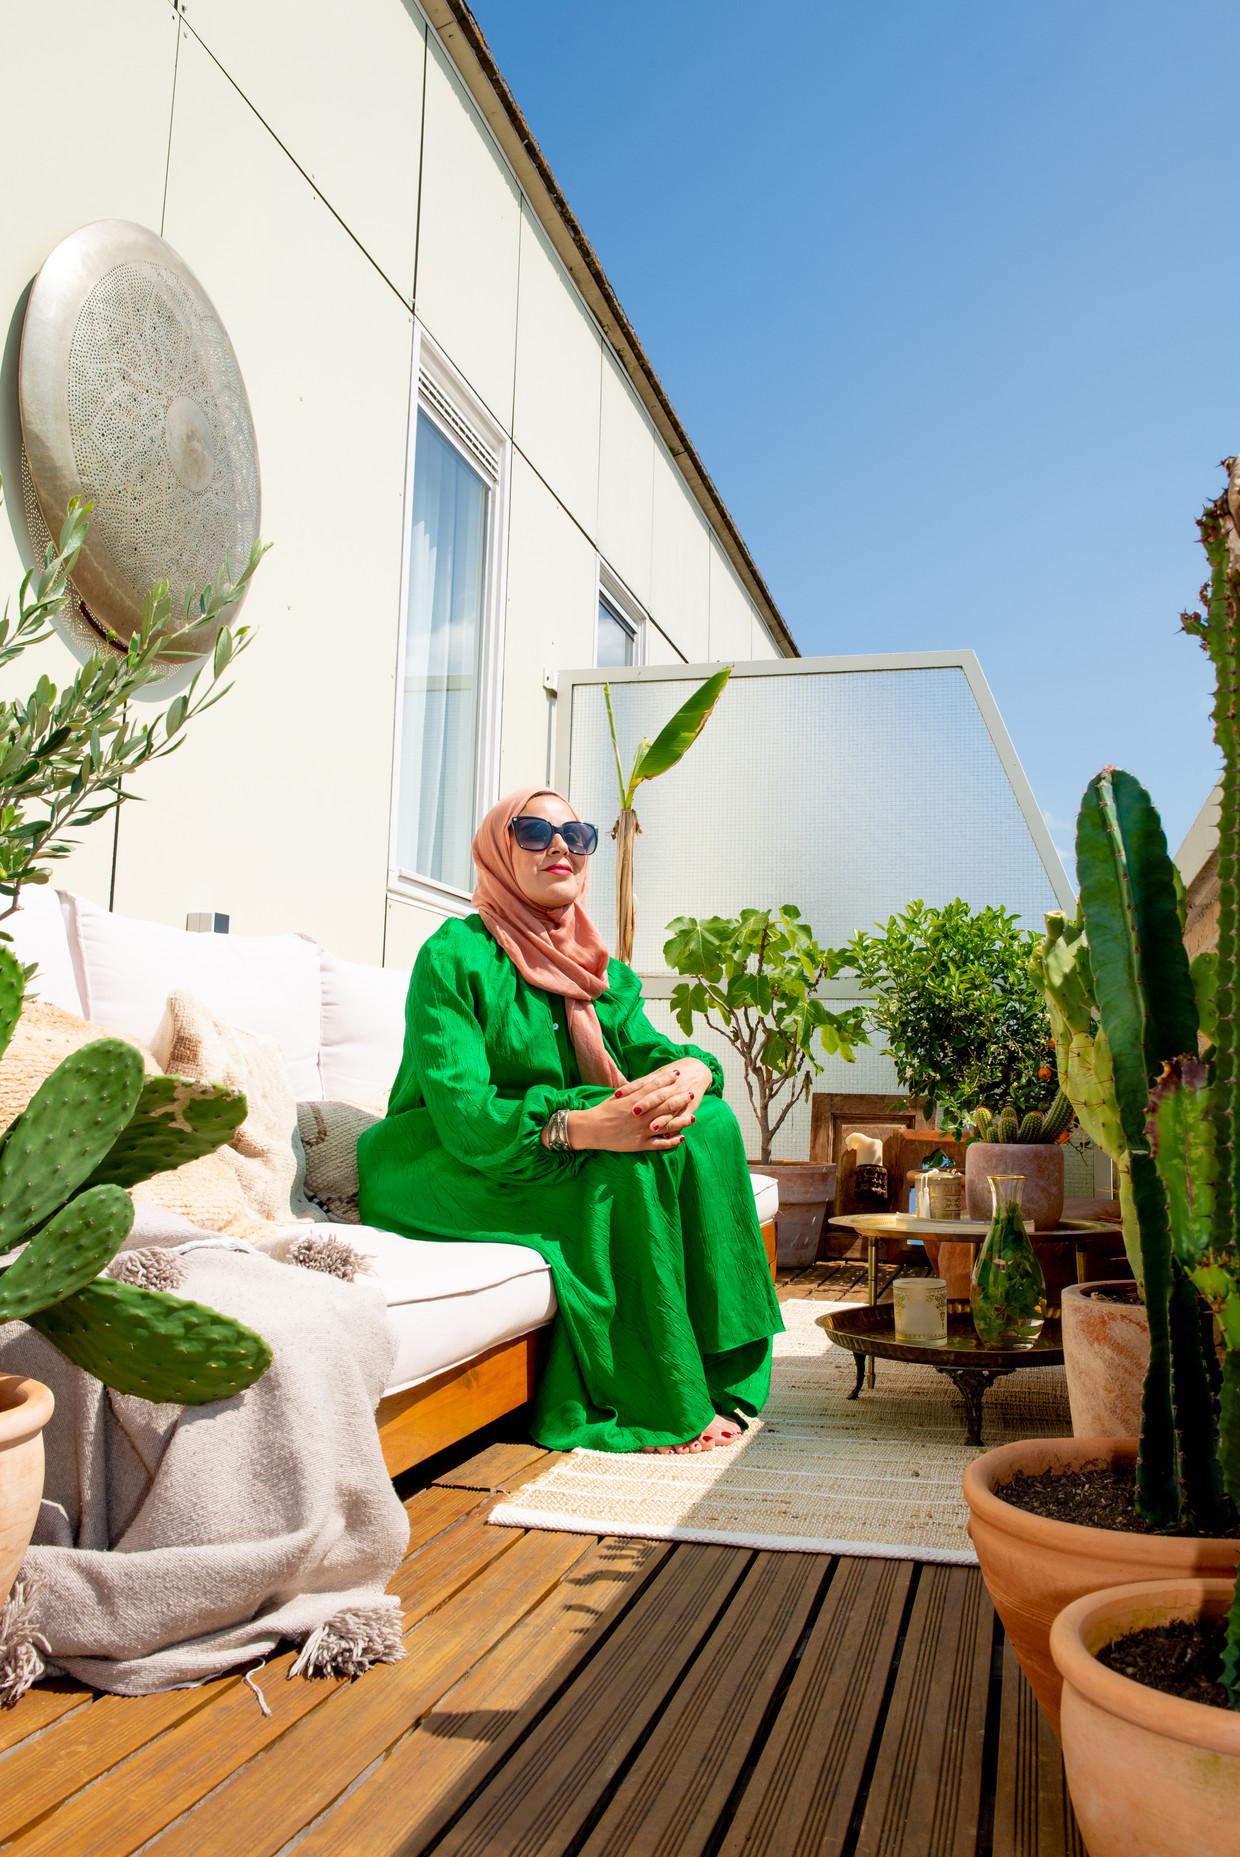 Nassira Laoikili: 'Als ik hier zit, heb ik het gevoel even in Marokko te zijn.' Beeld Marjolein van Damme